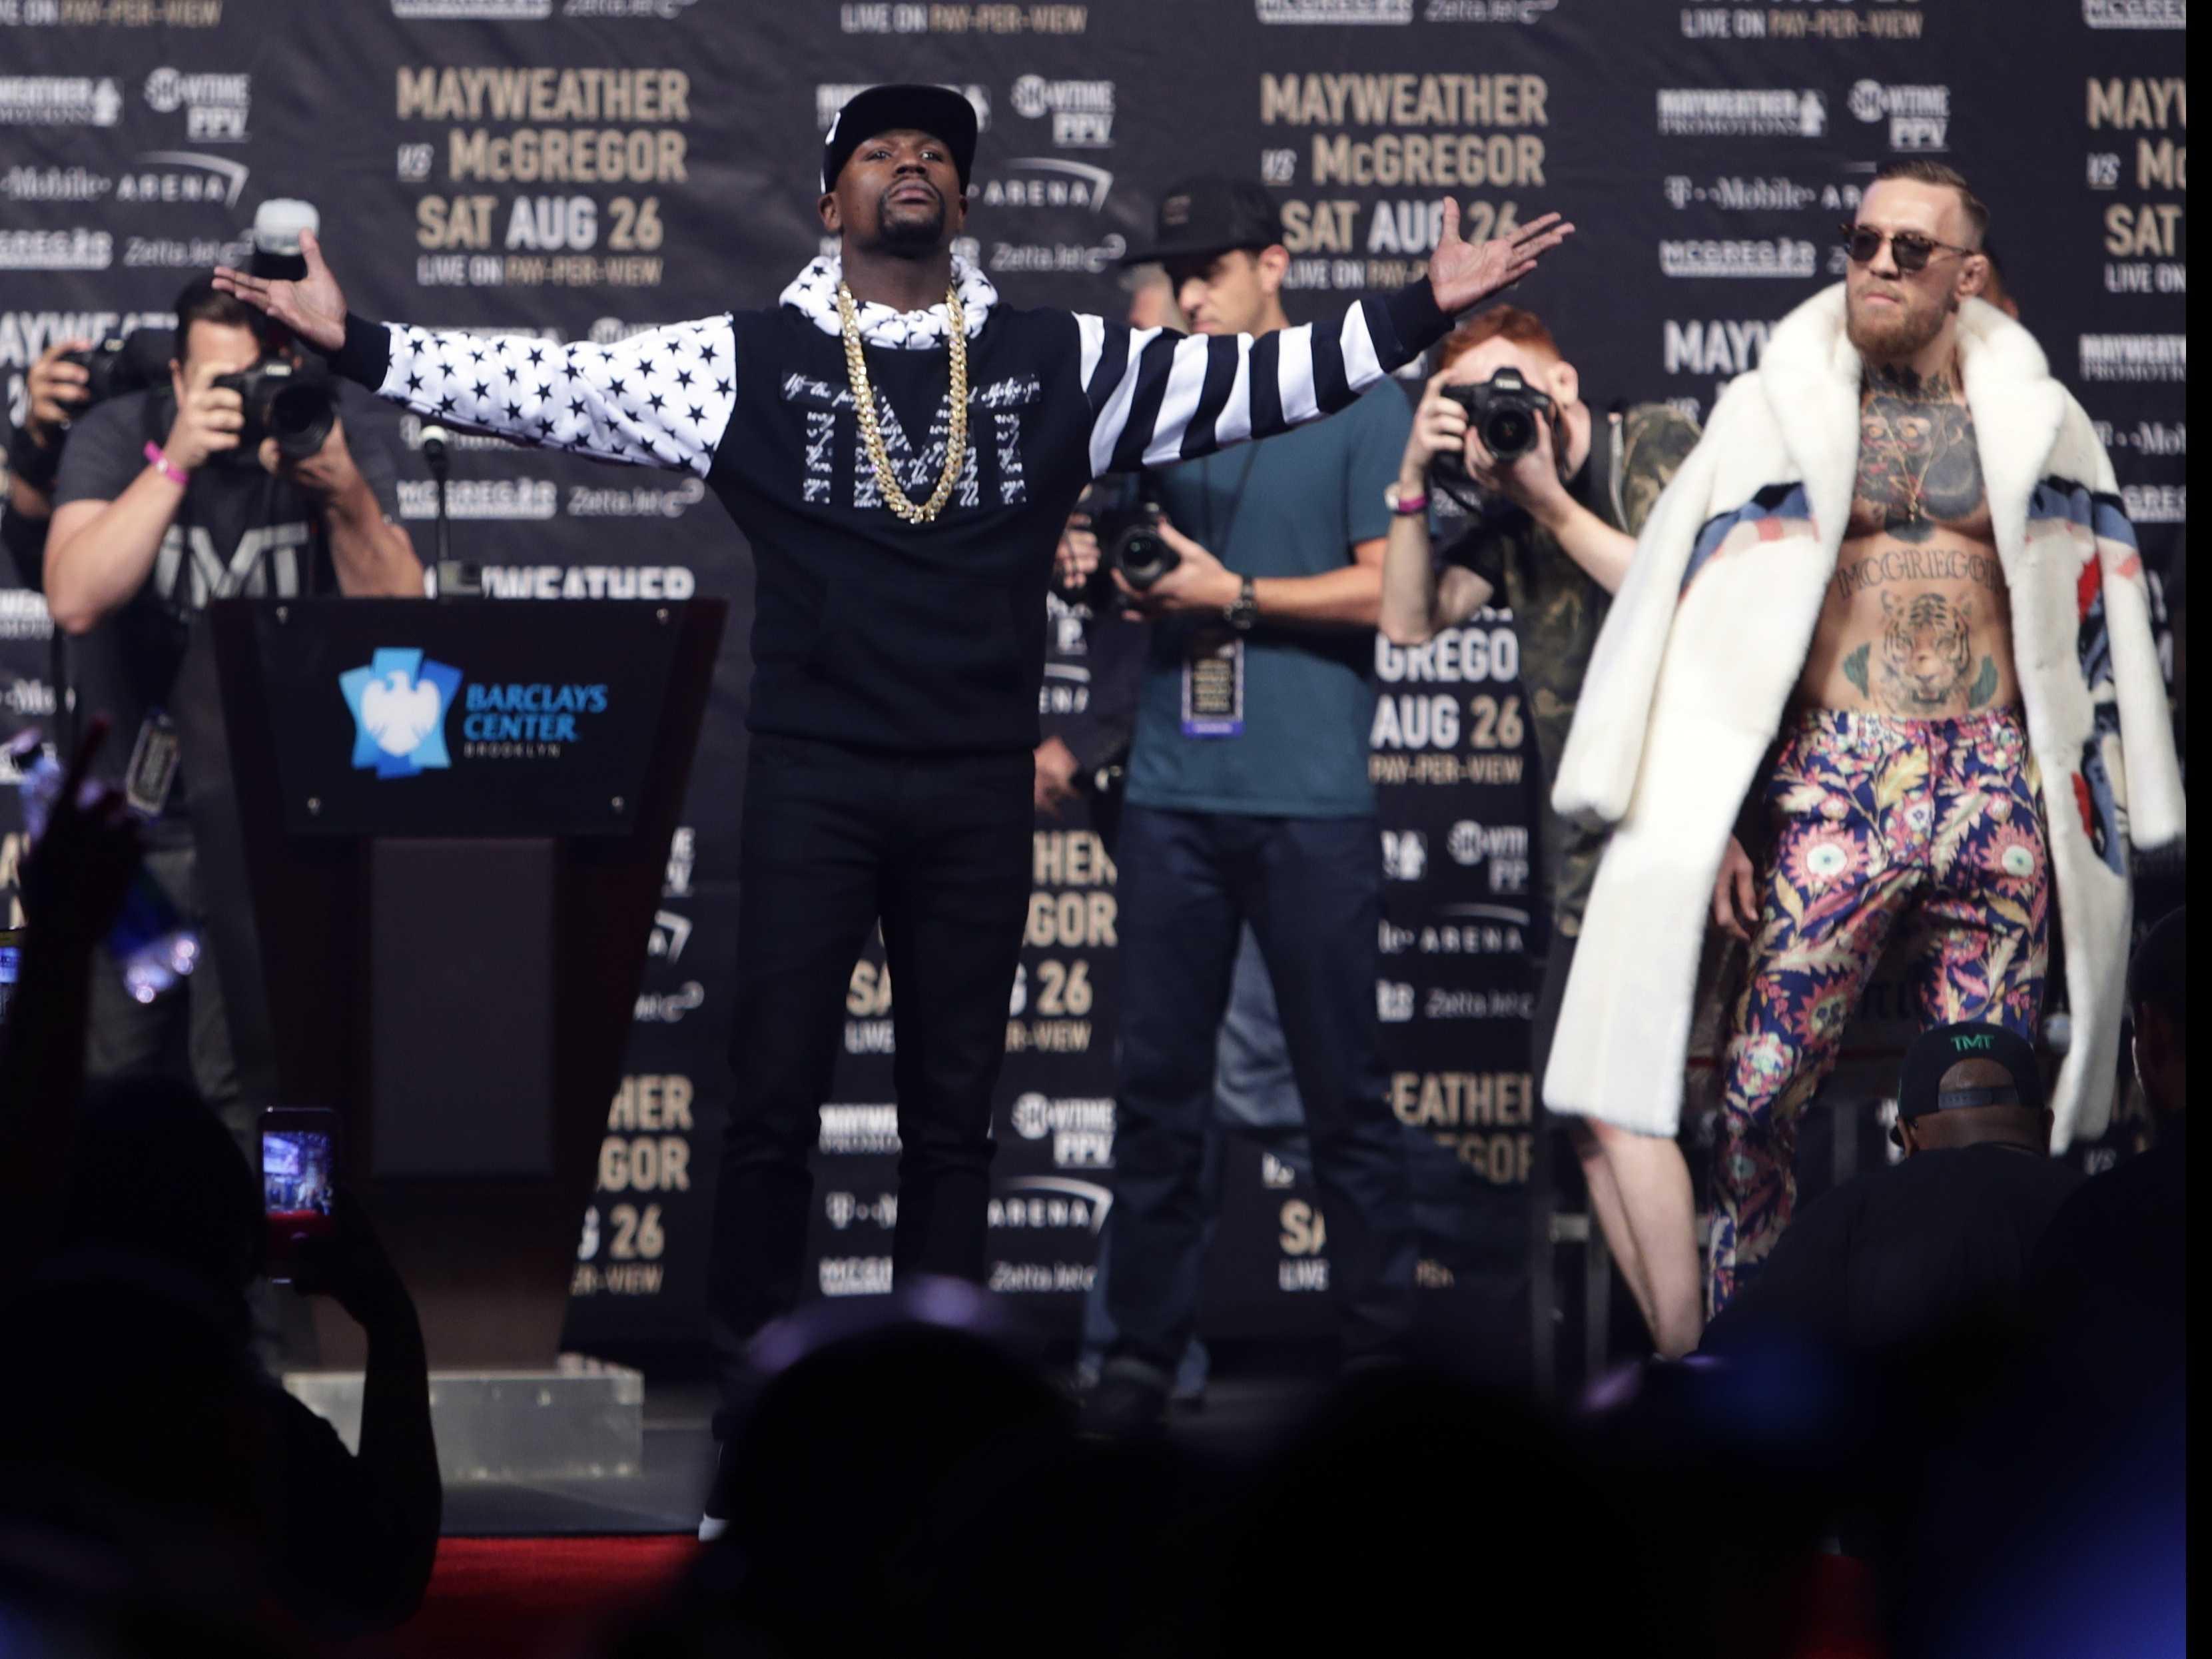 Mayweather, McGregor Exchange Profanities, Barbs in Brooklyn